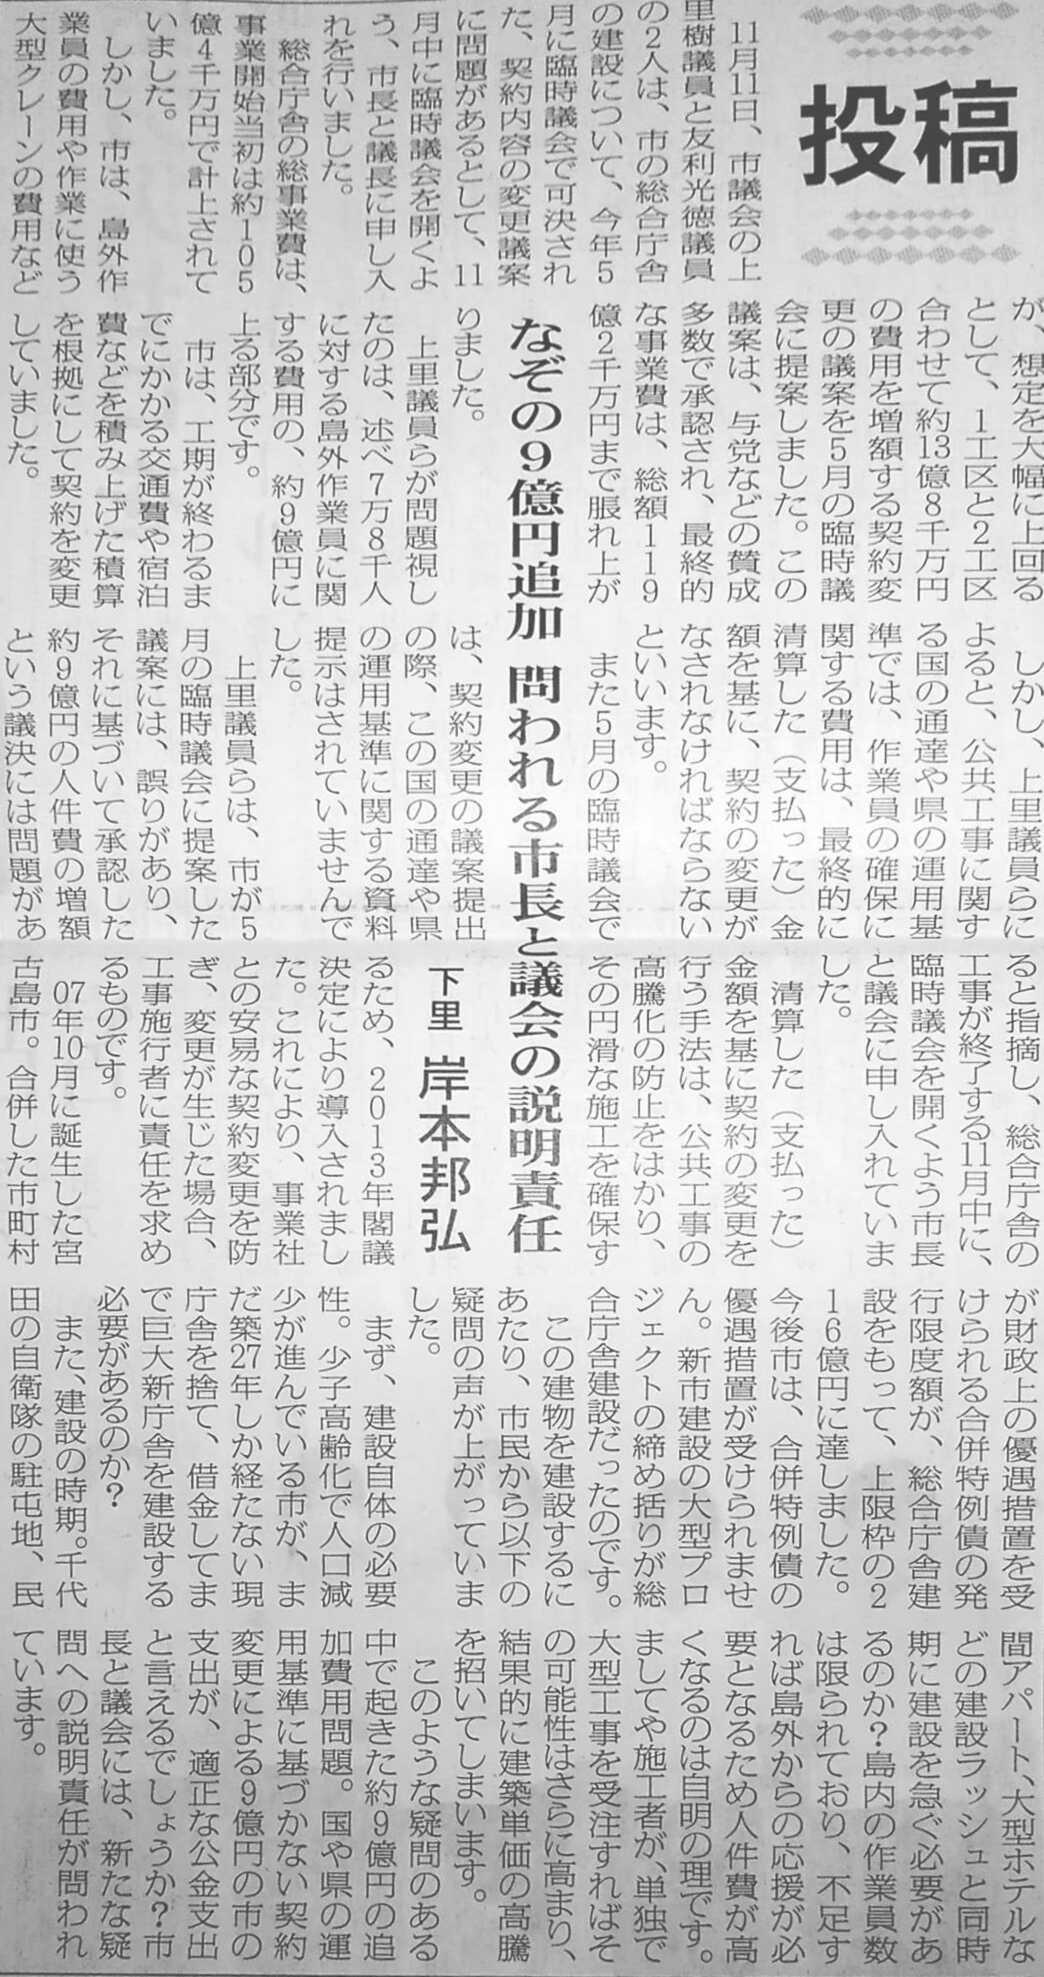 miyakomainichi2020 12081